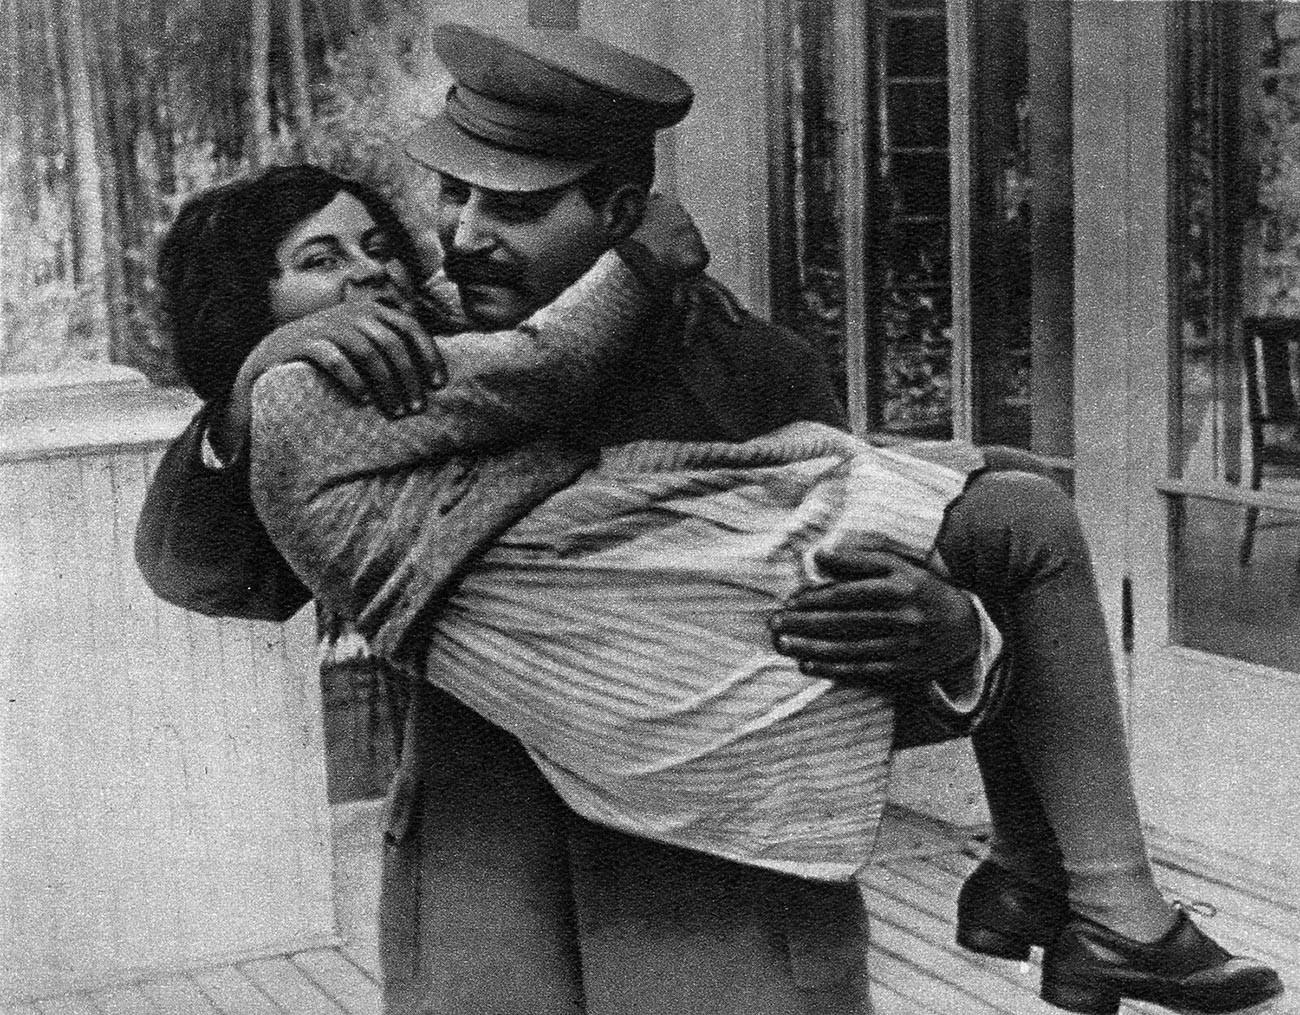 ヨシフ・スターリンは娘のスヴェトラーナと一緒に、1935年